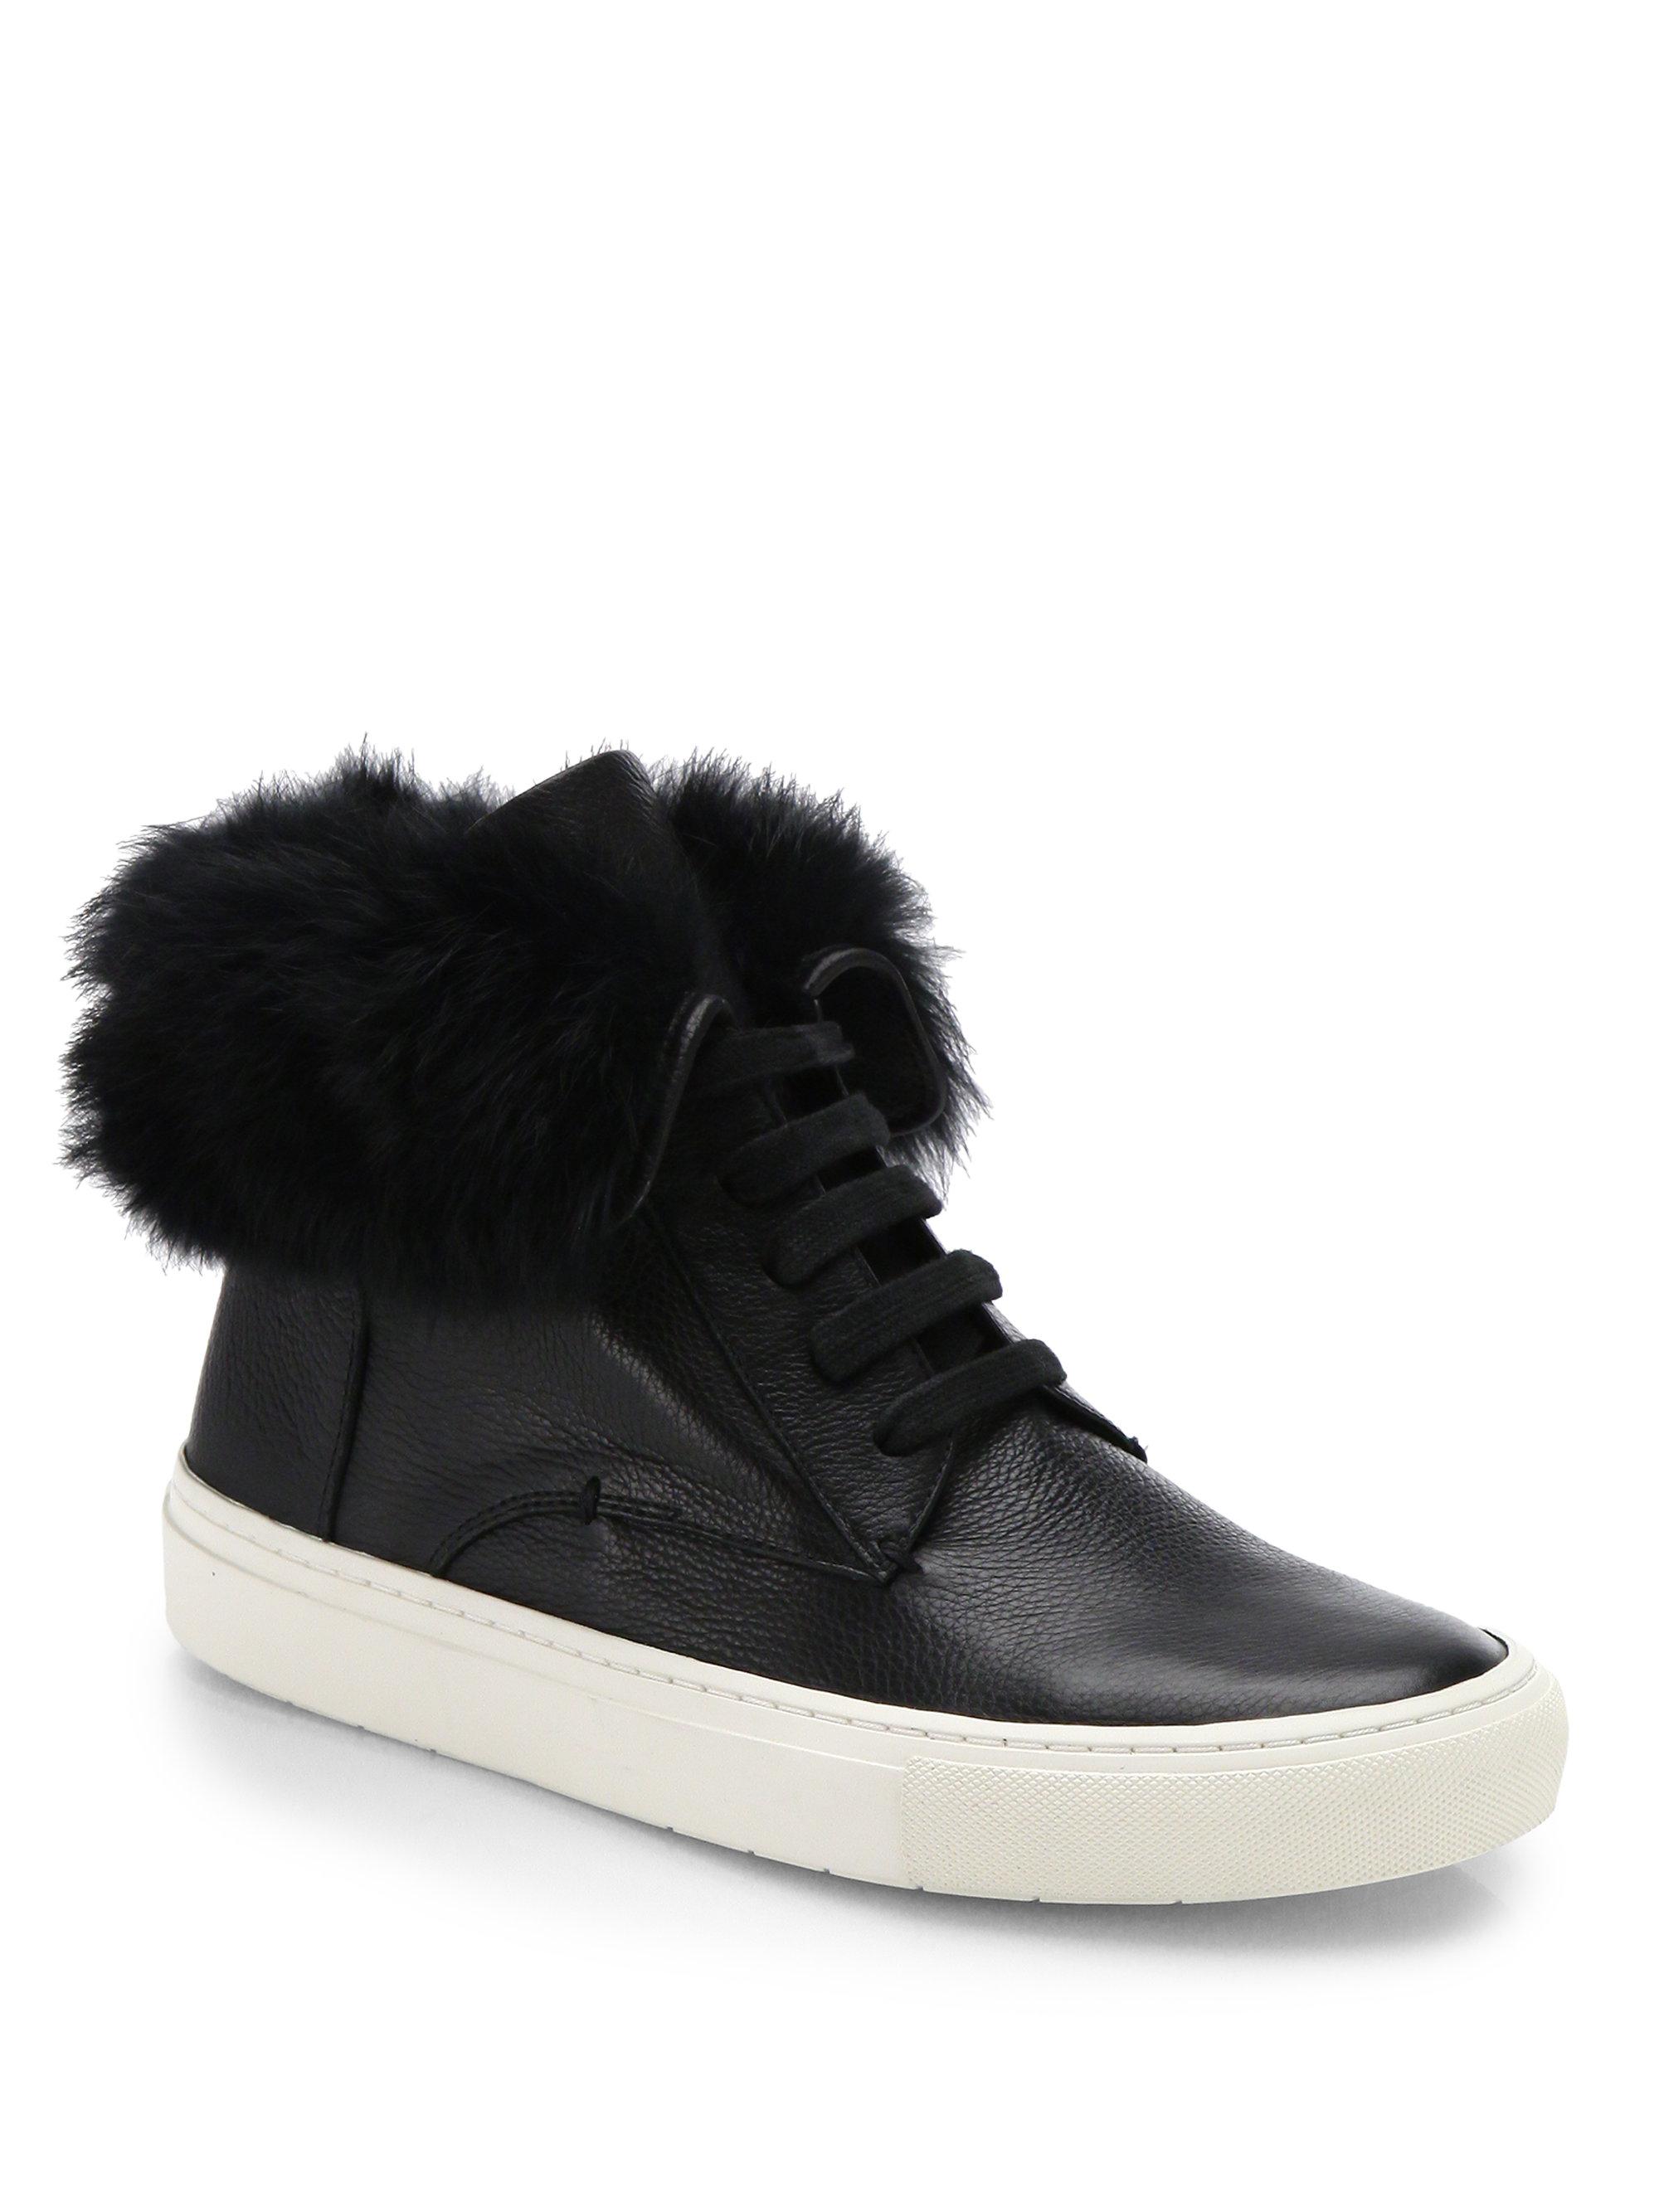 Vince Fur-Trimmed High-Top Sneakers cheap 2014 newest official cheap online explore cheap price sale 100% original sale big sale juqOtC